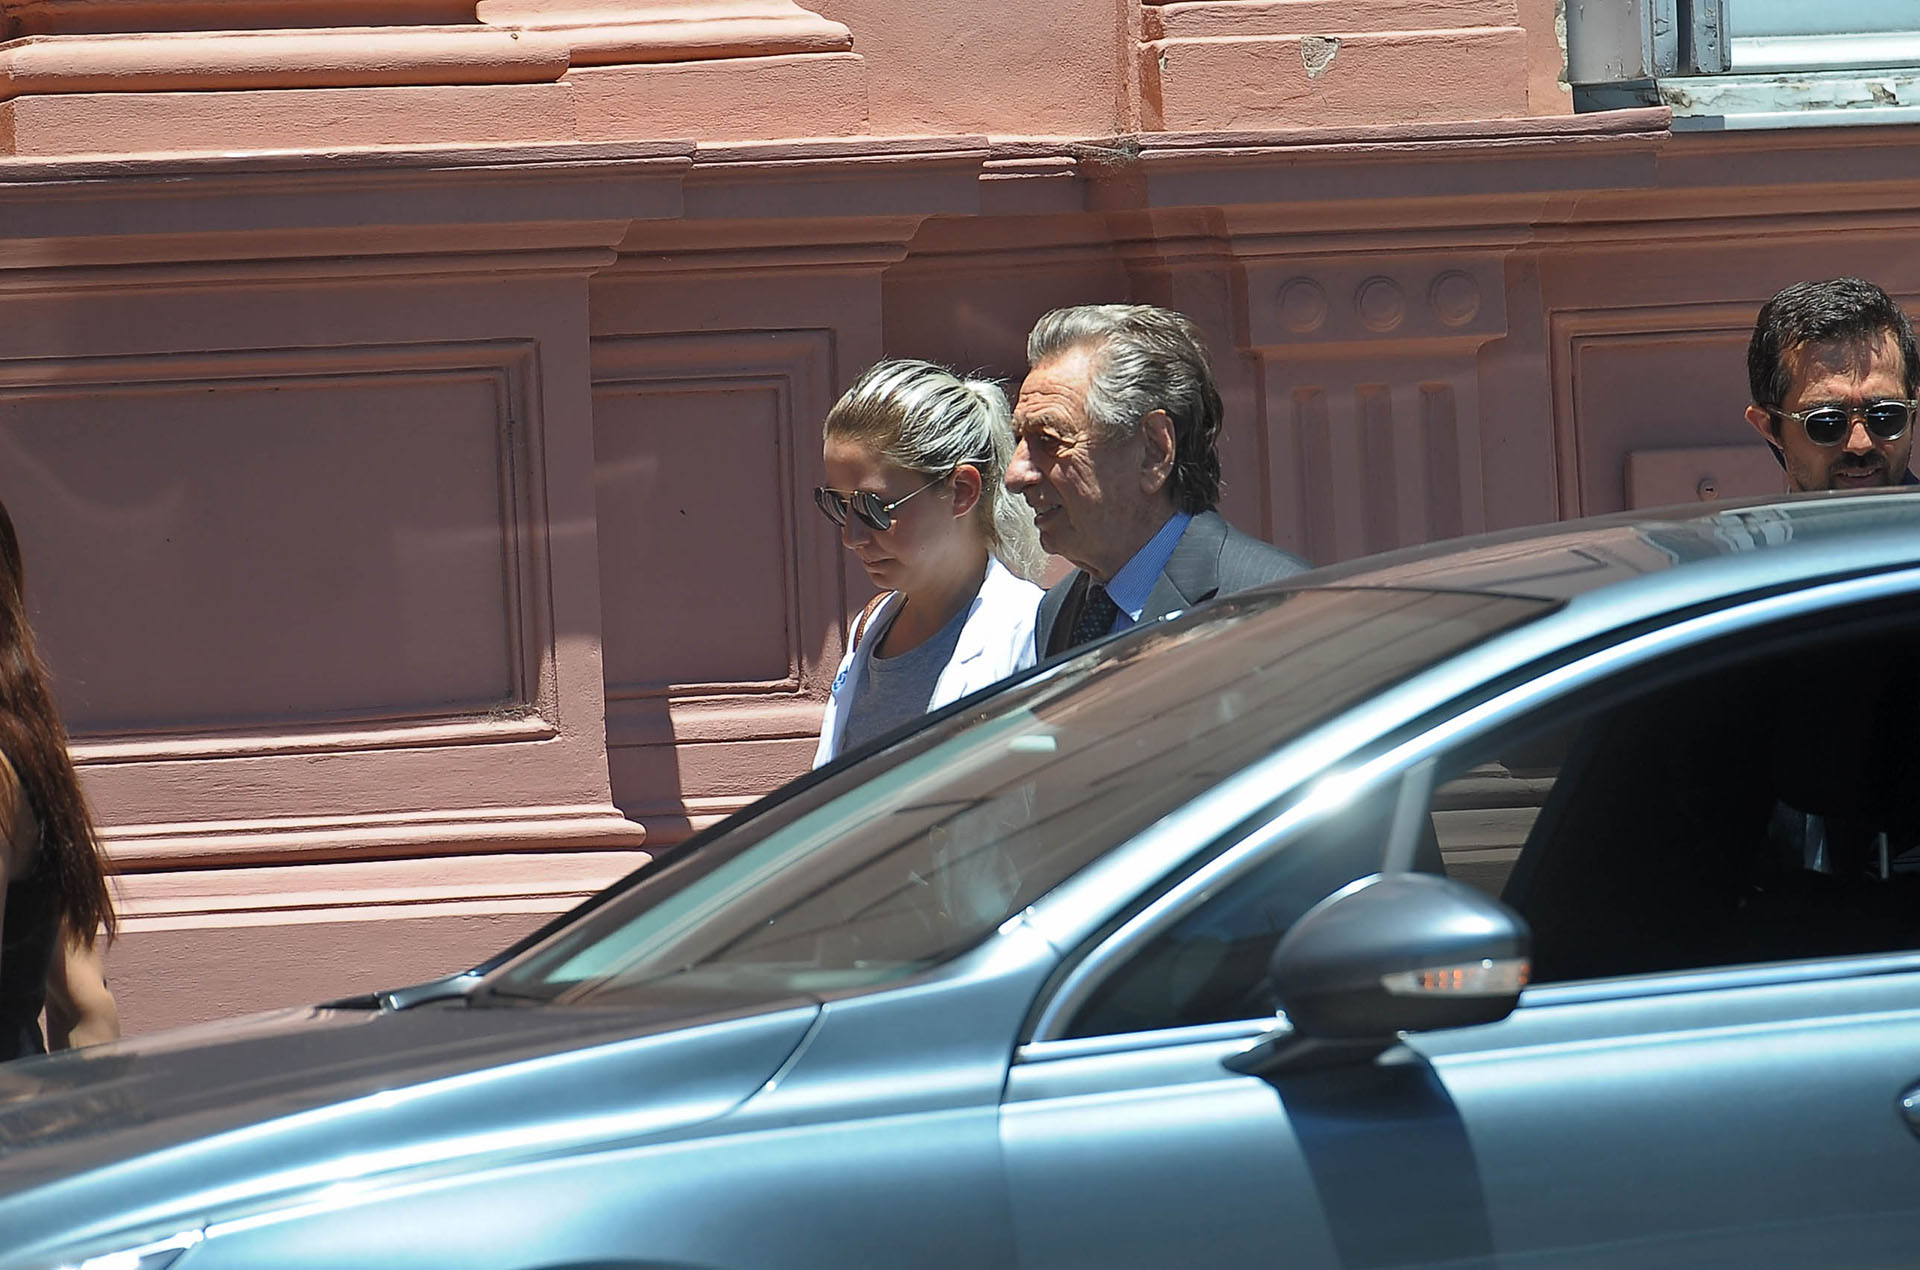 Franco Macri se casó dos veces, en ambos casos con argentinas. En 1958 contrajo matrimonio con Alicia Blanco Villegas, de quien se divorció en 1980. Dos años después se celebró la boda con Cristina Greffier, con quien estuvo casado hasta 1986 (Télam)